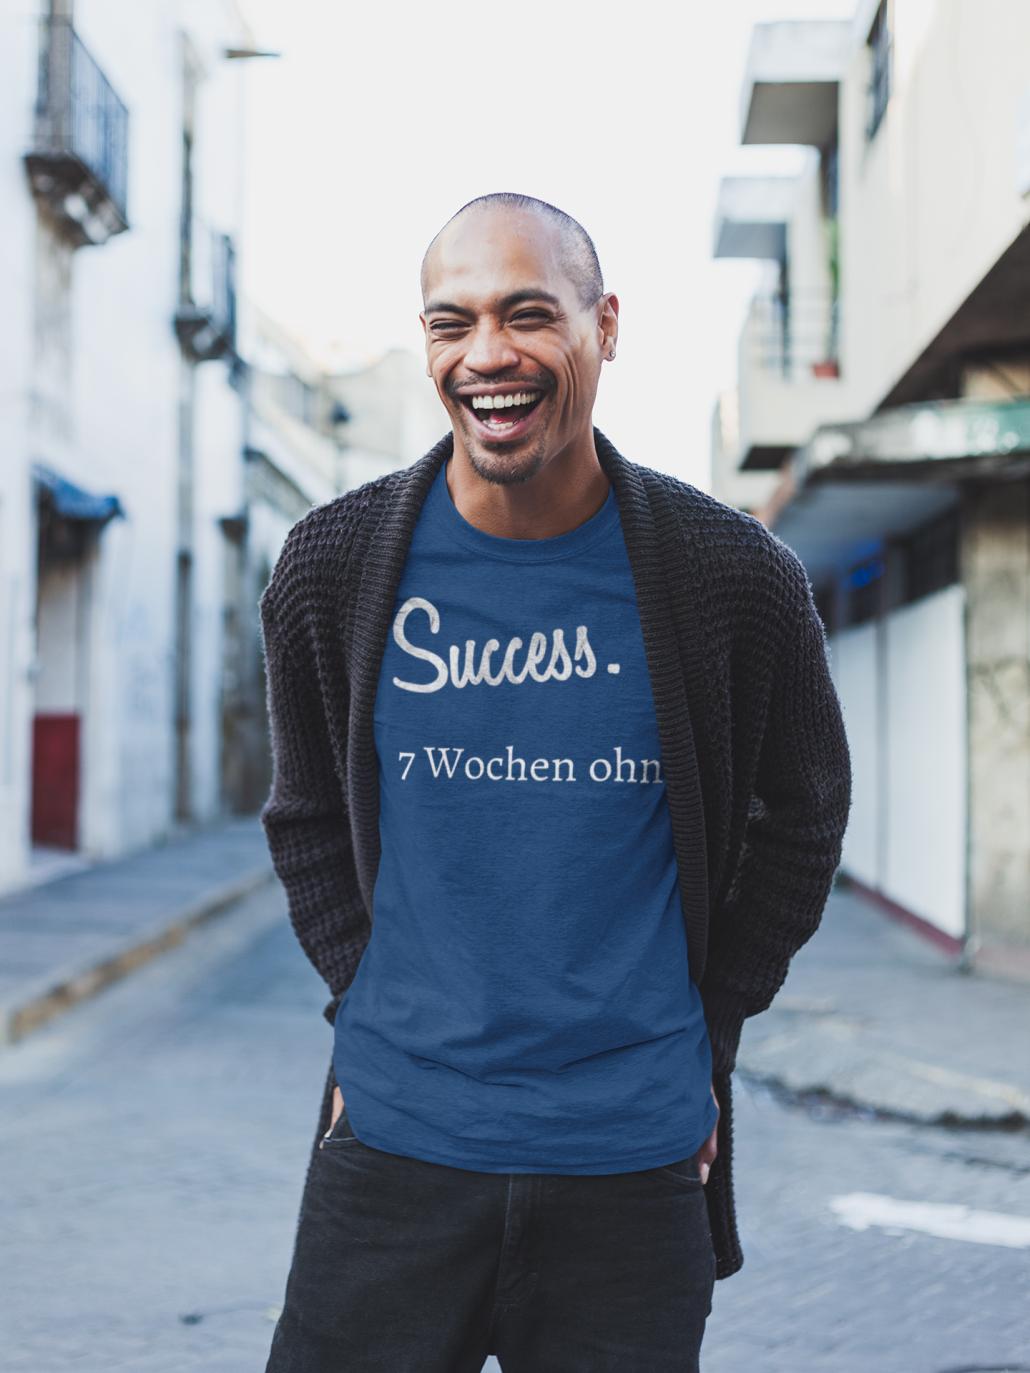 Lachender_Mann_mit_T-Shirt_Erfolg